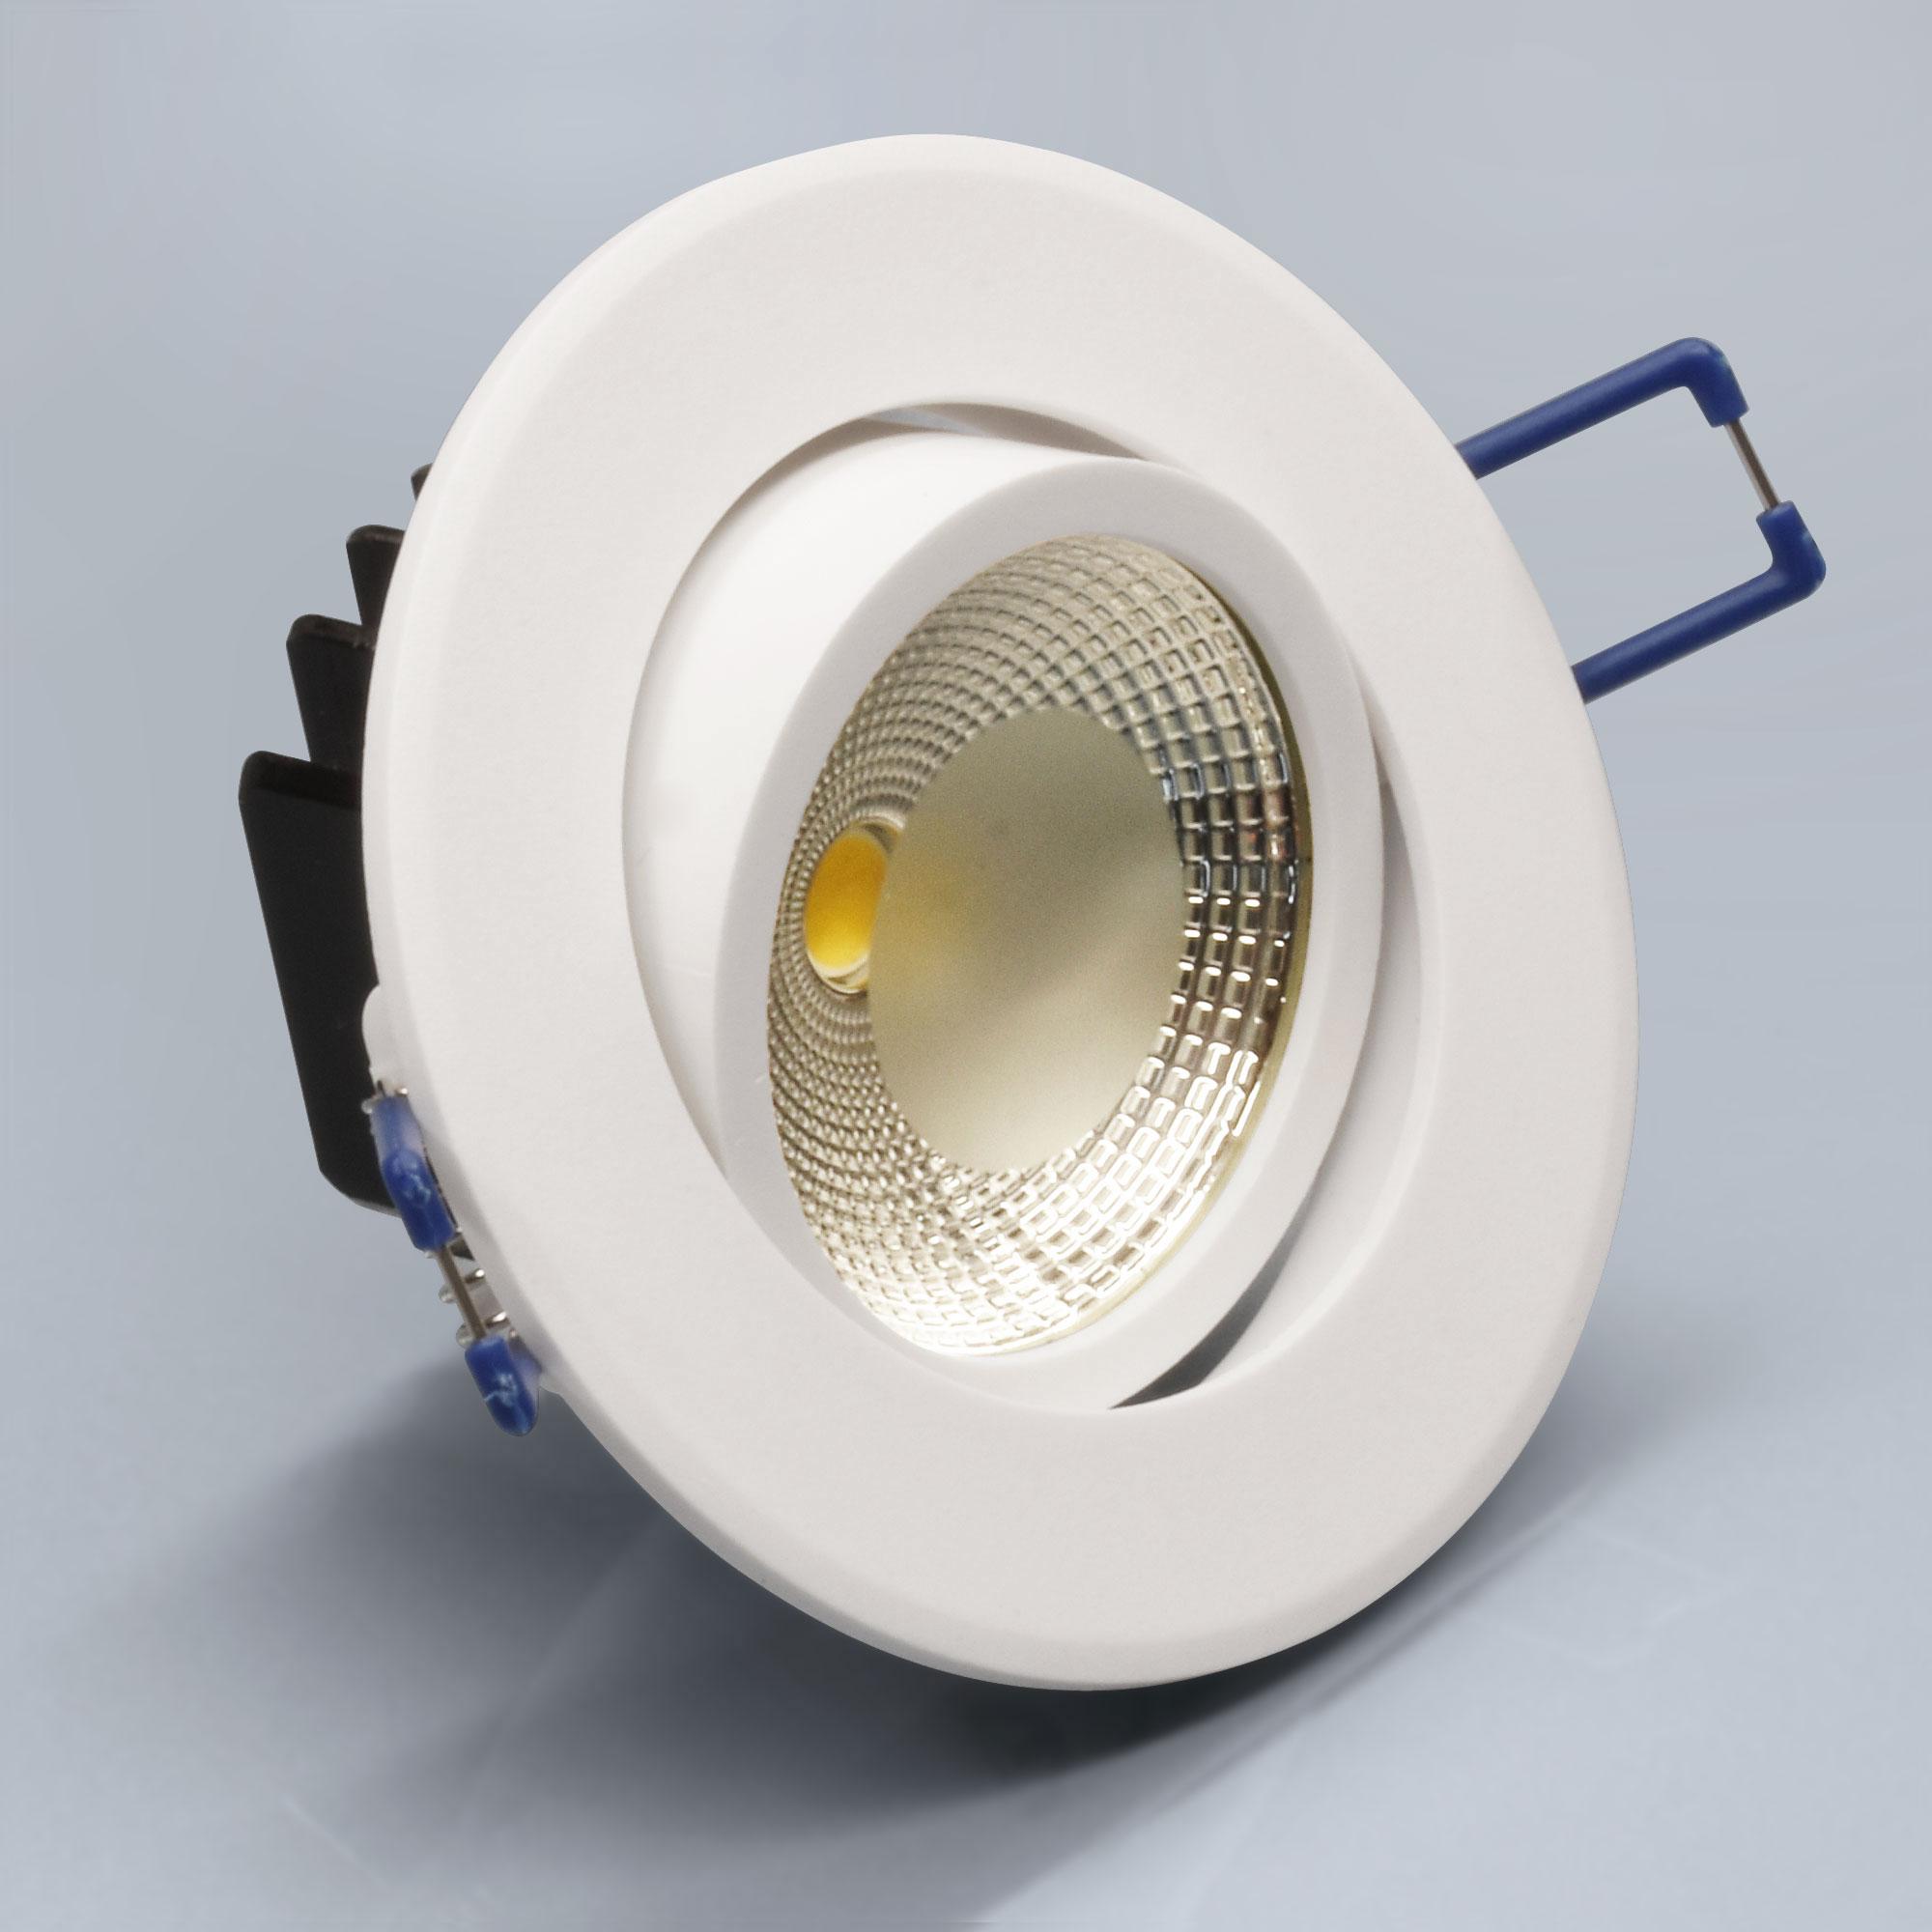 led einbaustrahler einbauspot einbau spot lampe 5w warmwei rund wei l0930e ebay. Black Bedroom Furniture Sets. Home Design Ideas